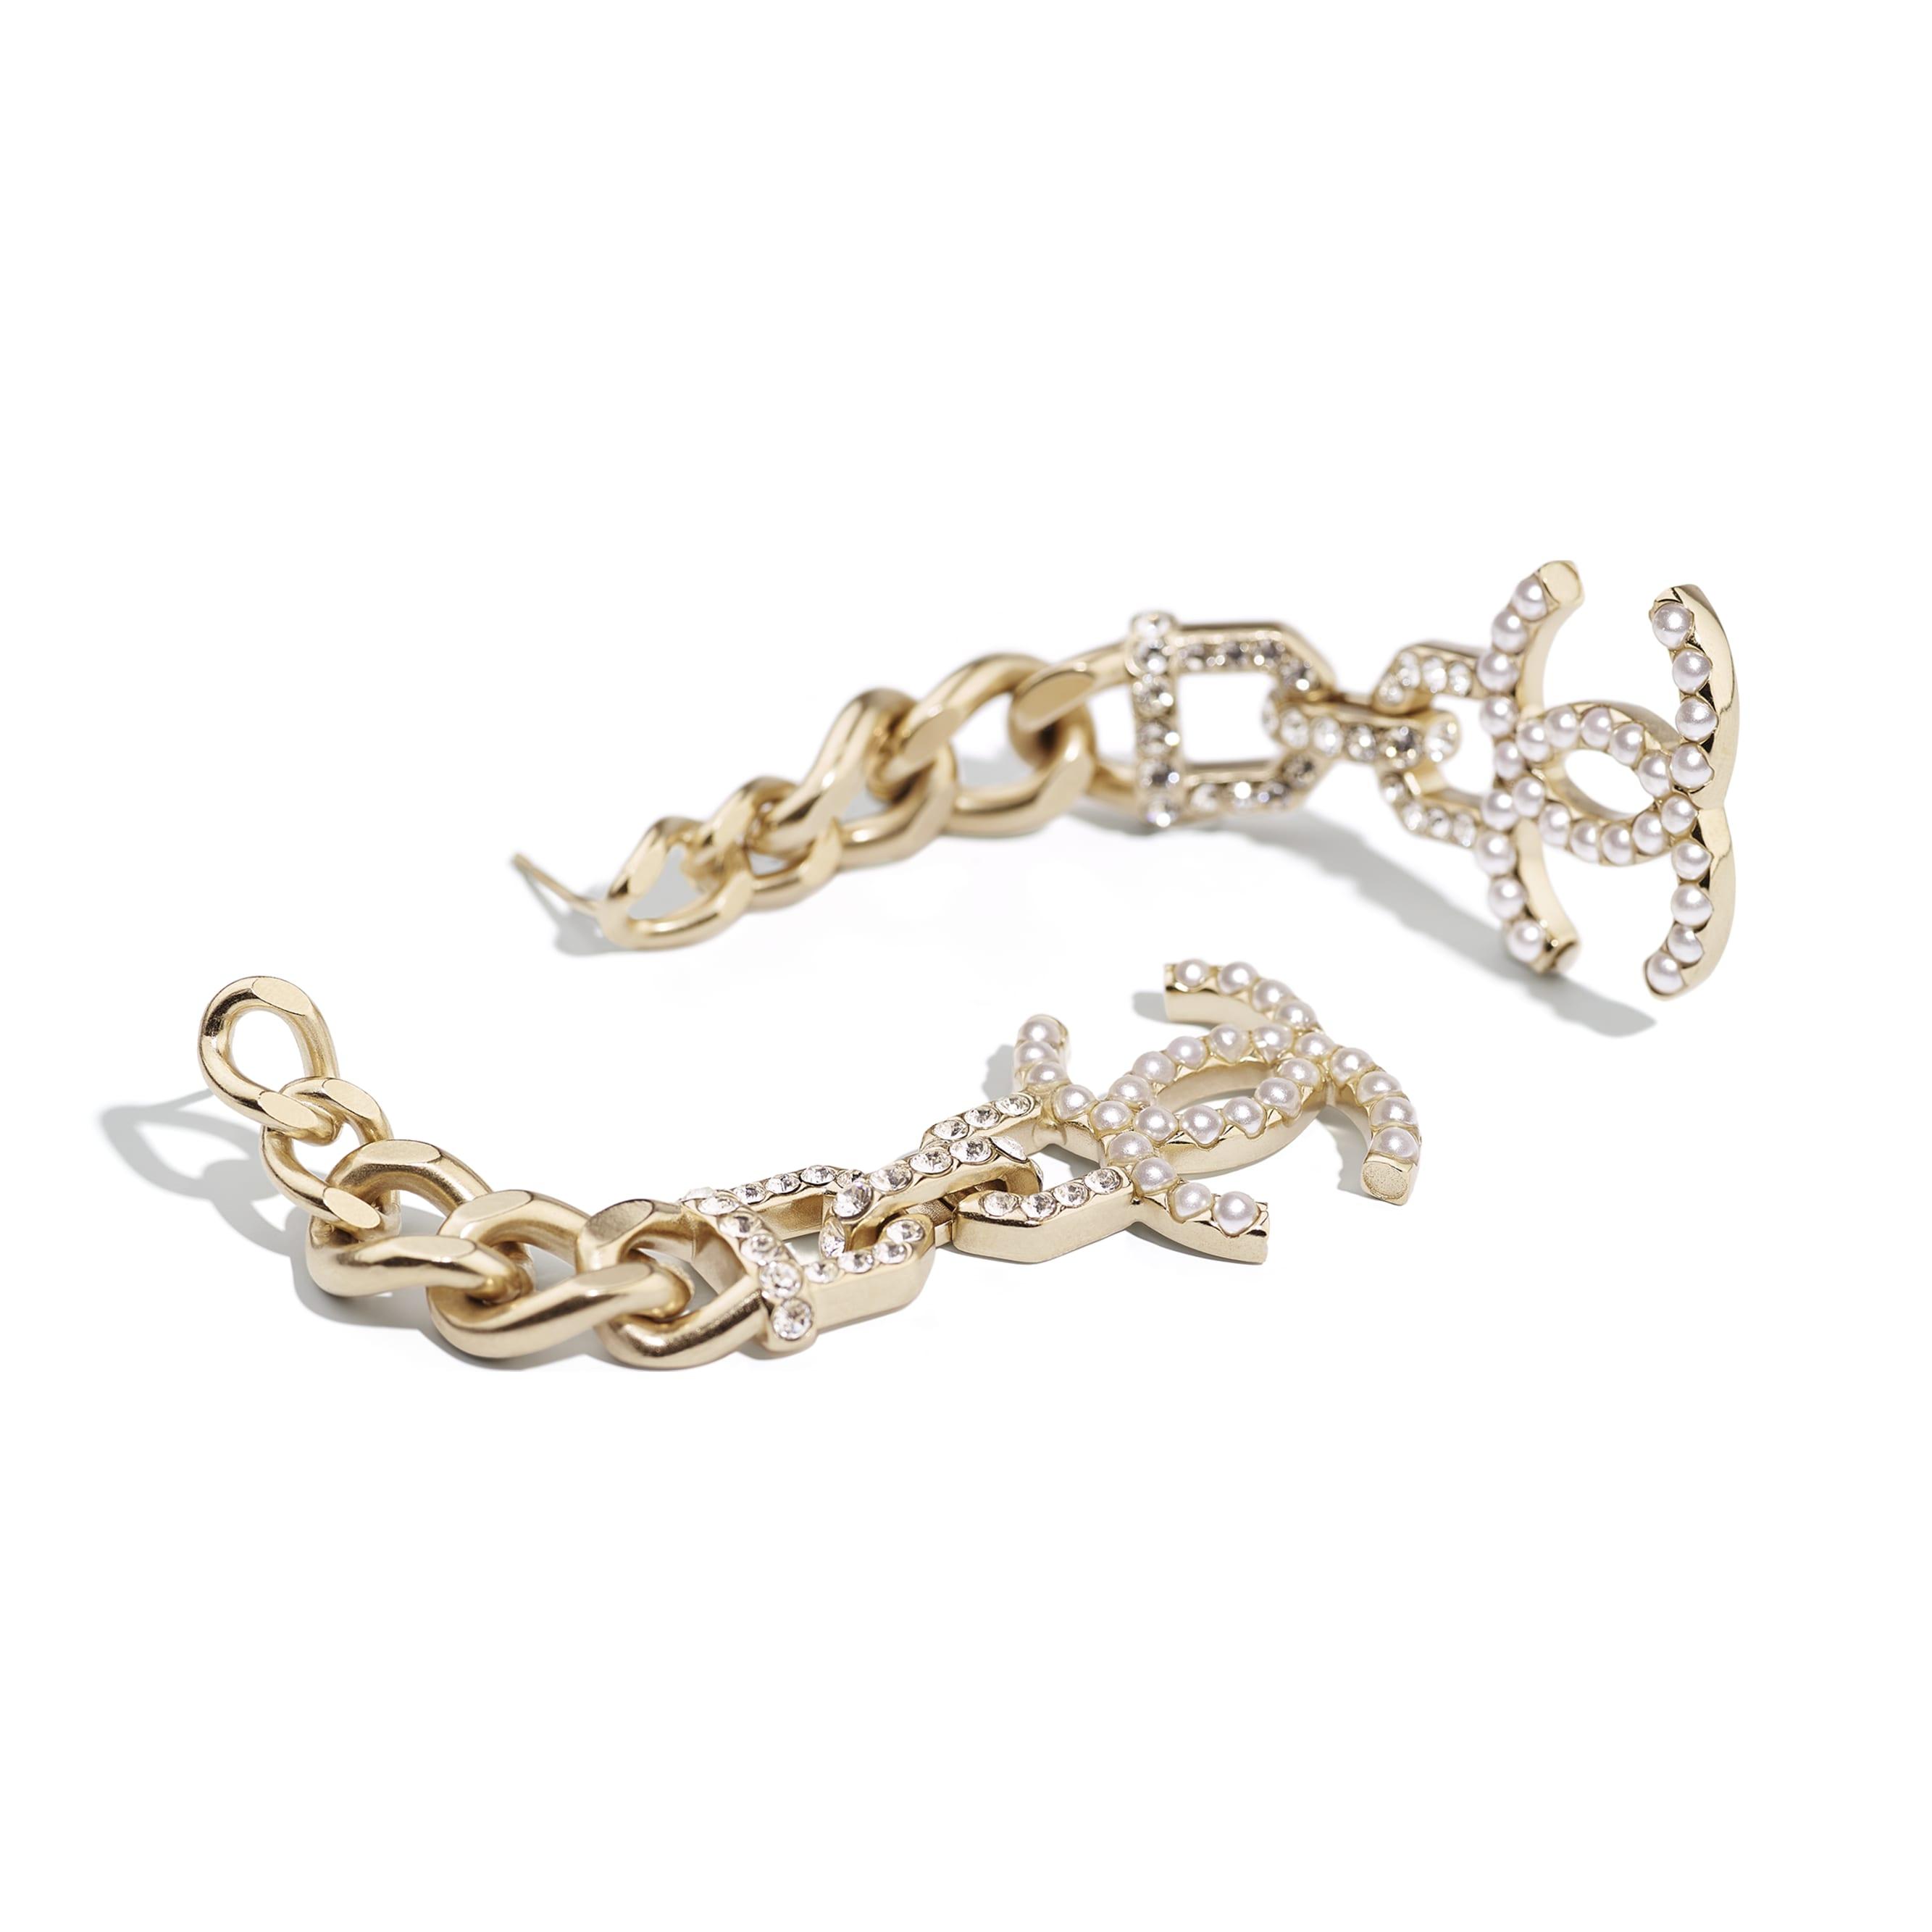 耳環 - 金、珍珠白及水晶色 - 金屬、仿珍珠及水晶 - CHANEL - 替代視圖 - 查看標準尺寸版本